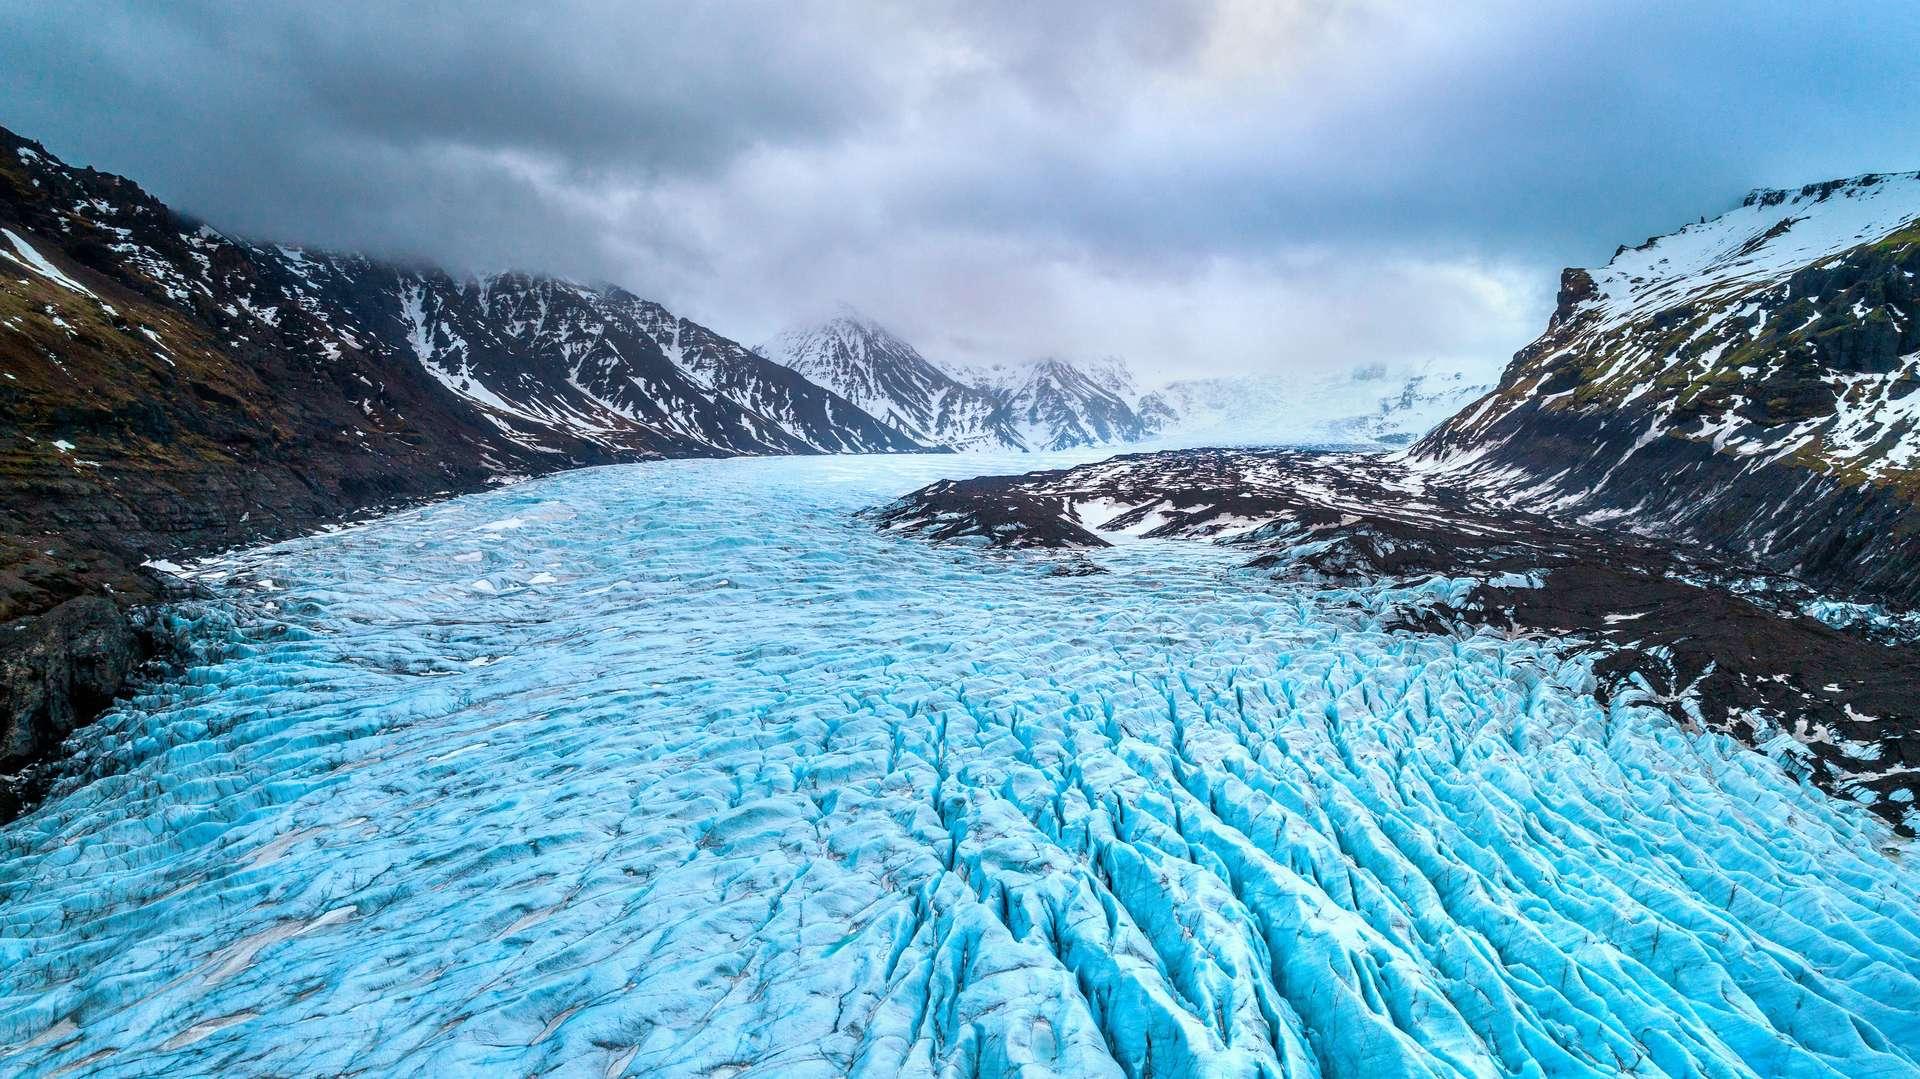 Le climat de la Terre ne cesse de varier depuis sa formation, alternant entre périodes glaciaires et périodes interglaciaires. Actuellement, nous nous situons dans une époque interglaciaire, dont le réchauffement anormal est d'origine anthropique. © Tawatchai1990, Adobe Stock